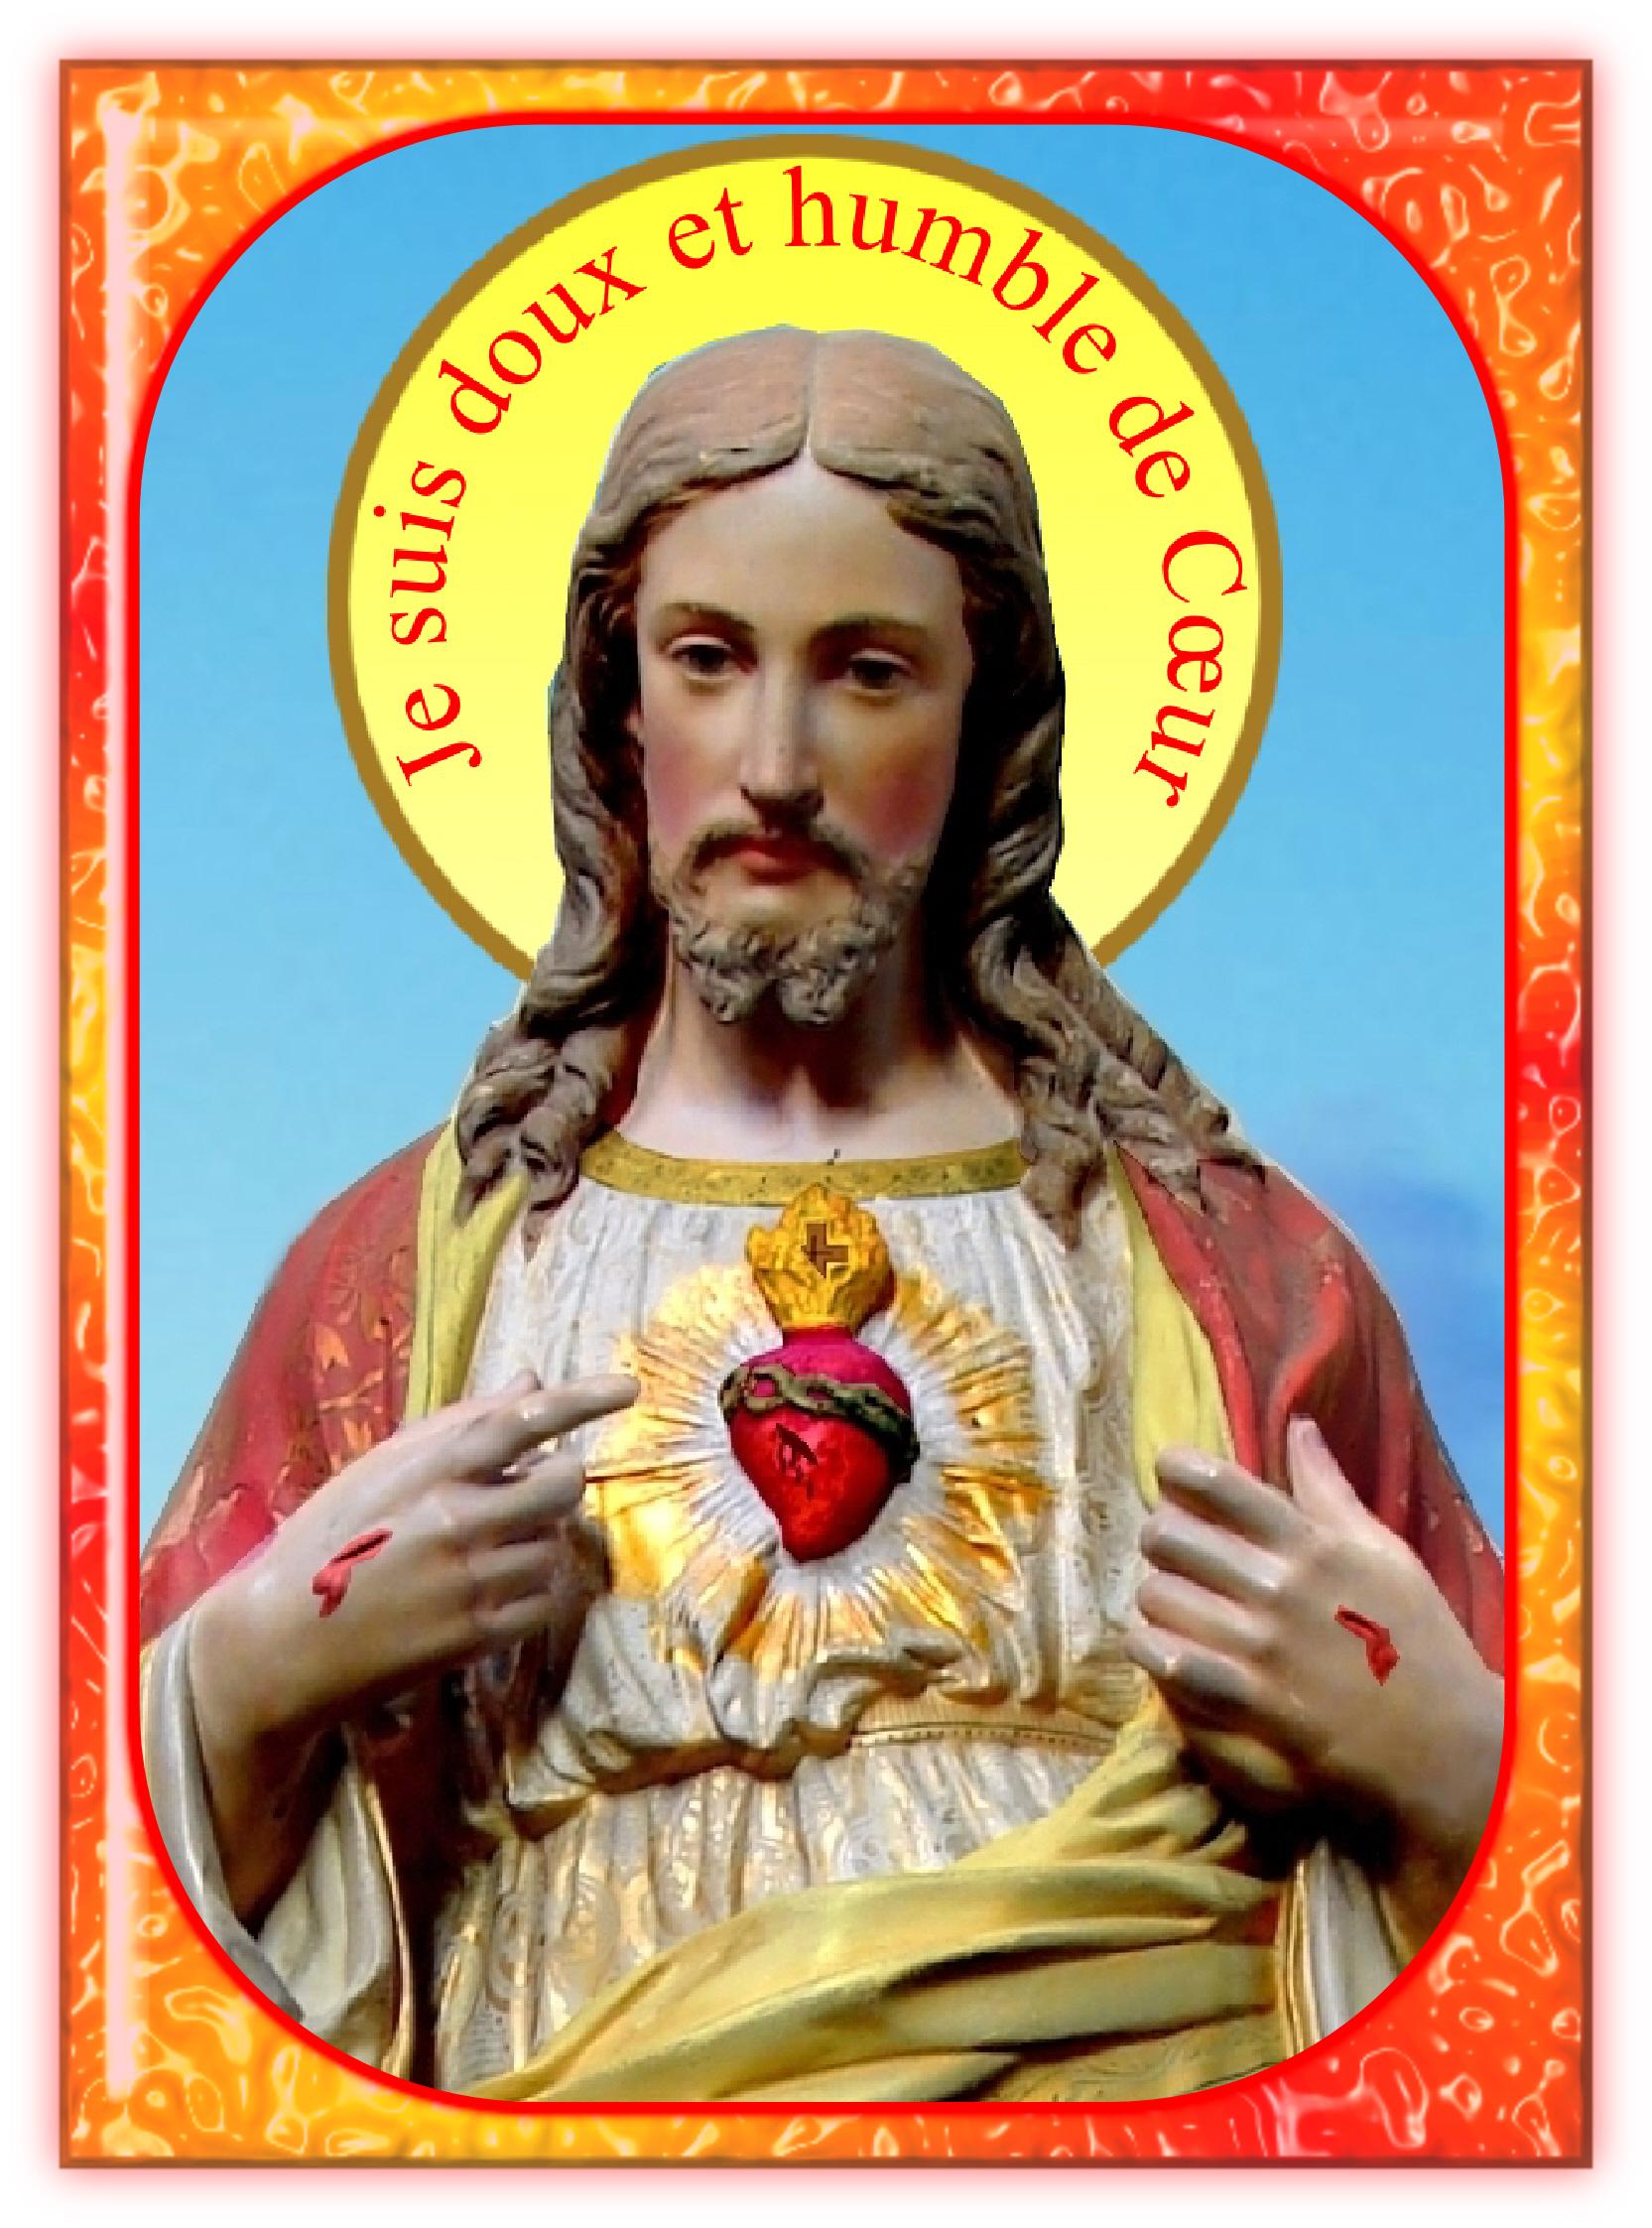 LITANIES du SACRÉ-CŒUR de JÉSUS Le-sacr--coeur-_-...e-coeur--577ba5b